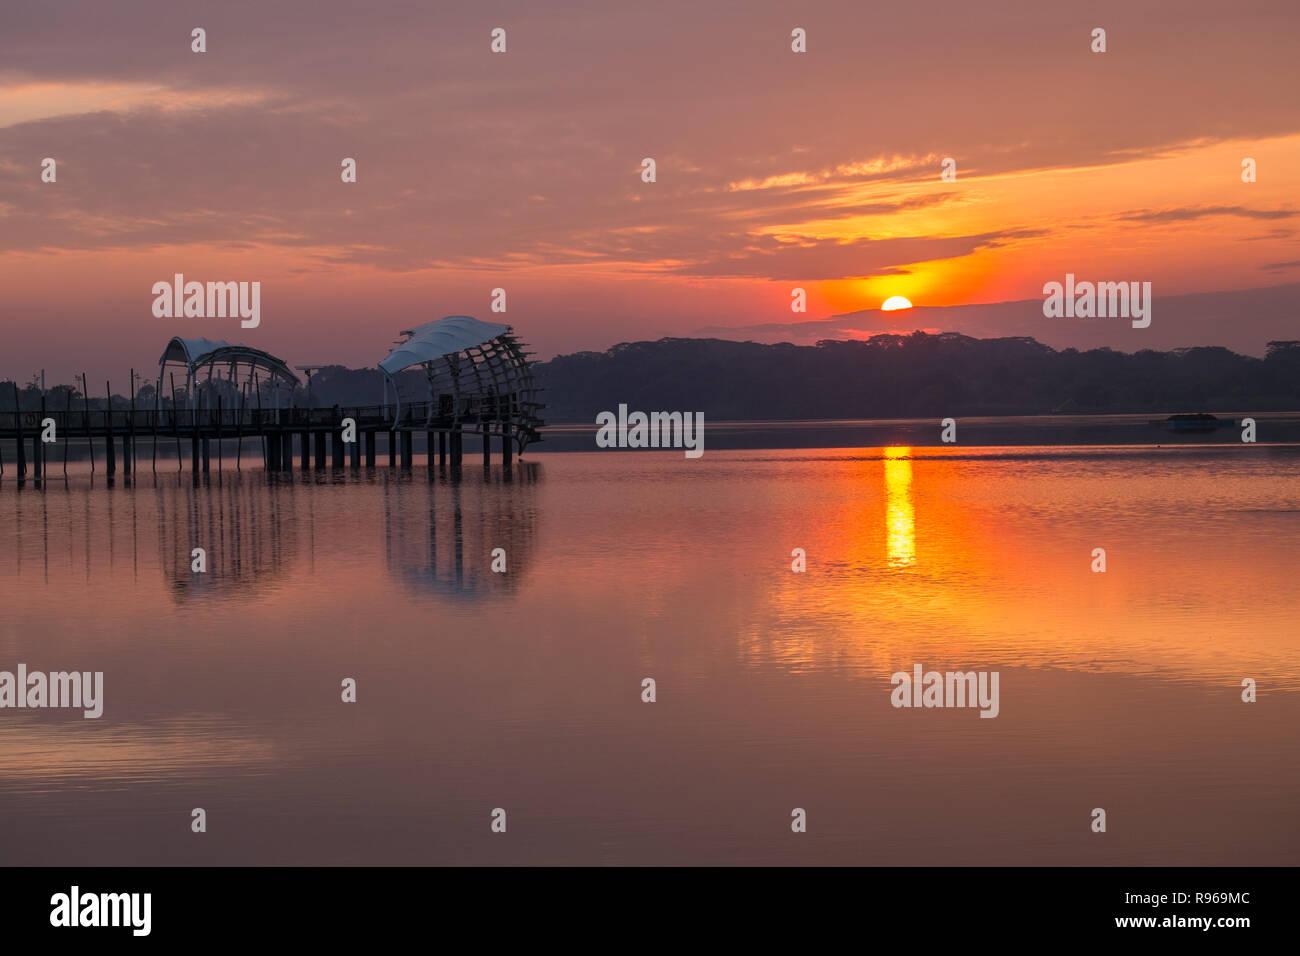 Sunrise at Lower Seletar Reservoir 2 - Stock Image